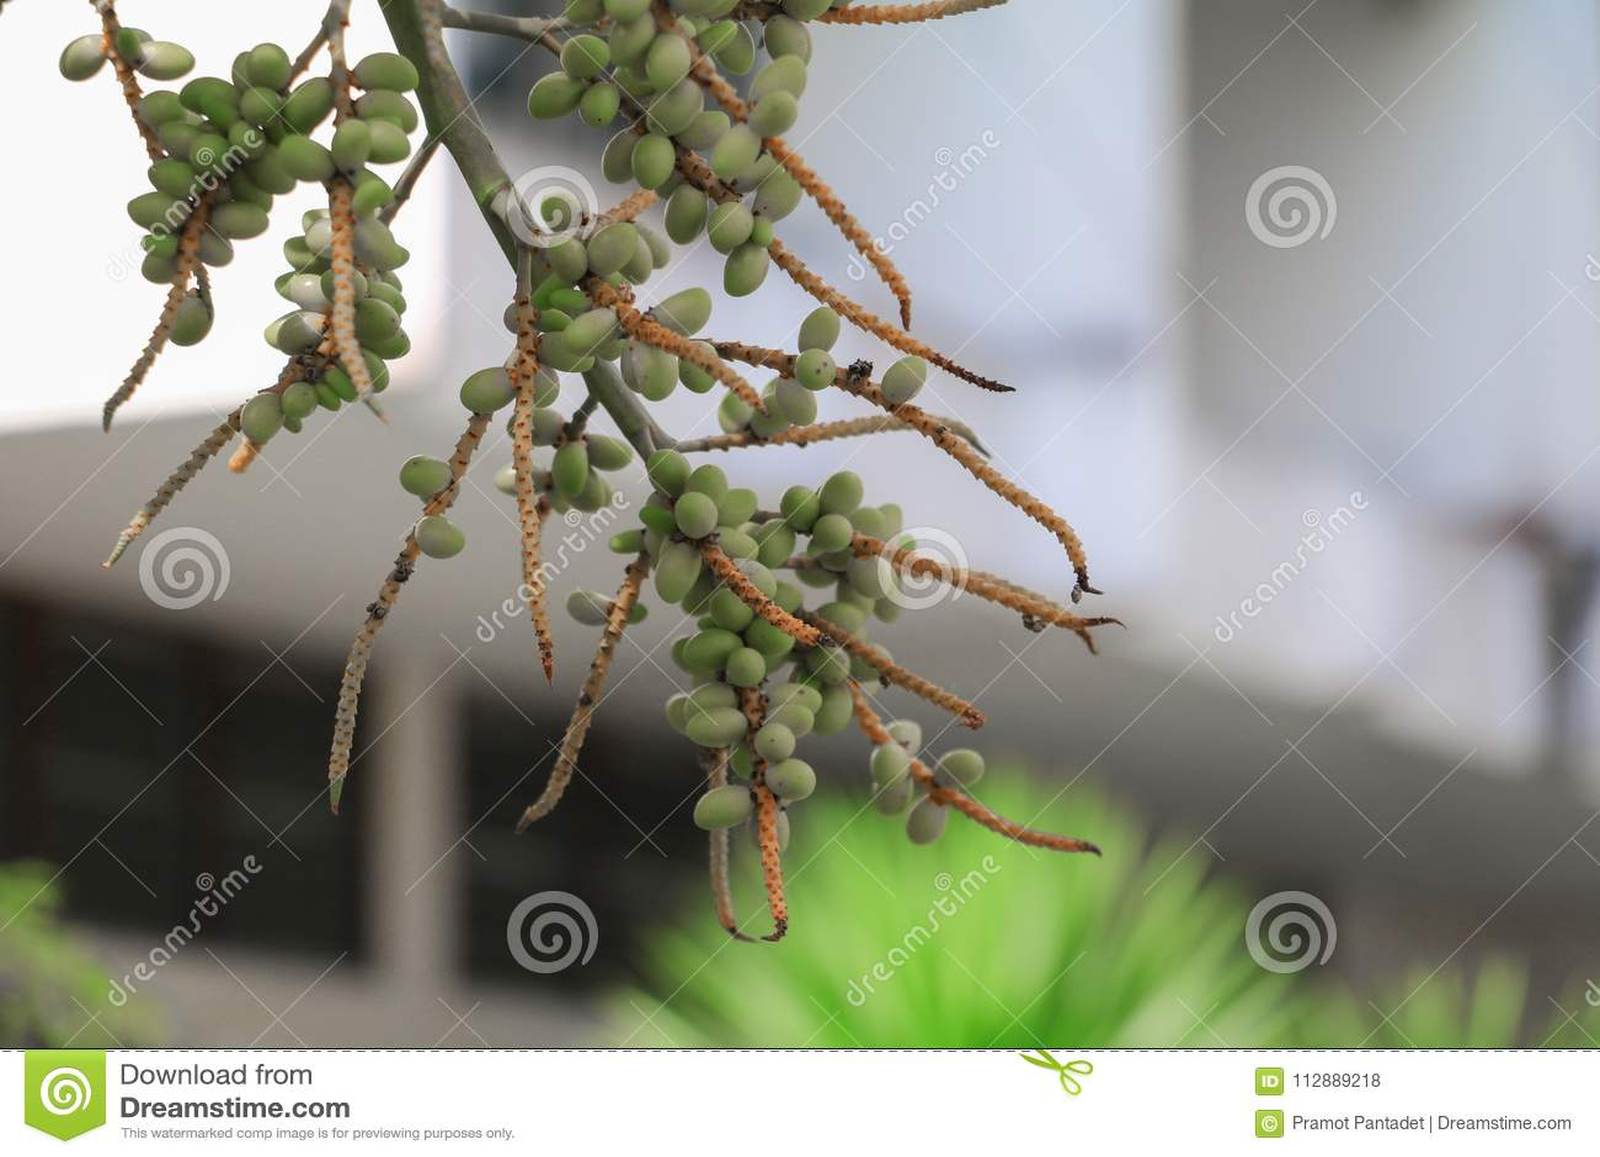 Raja Lipstick Palm Sealings-Wachs, Lippenstift, Raja, Zierpflanze Maharadschas im Garten wählen Sie Fokus mit flacher Tiefe von f